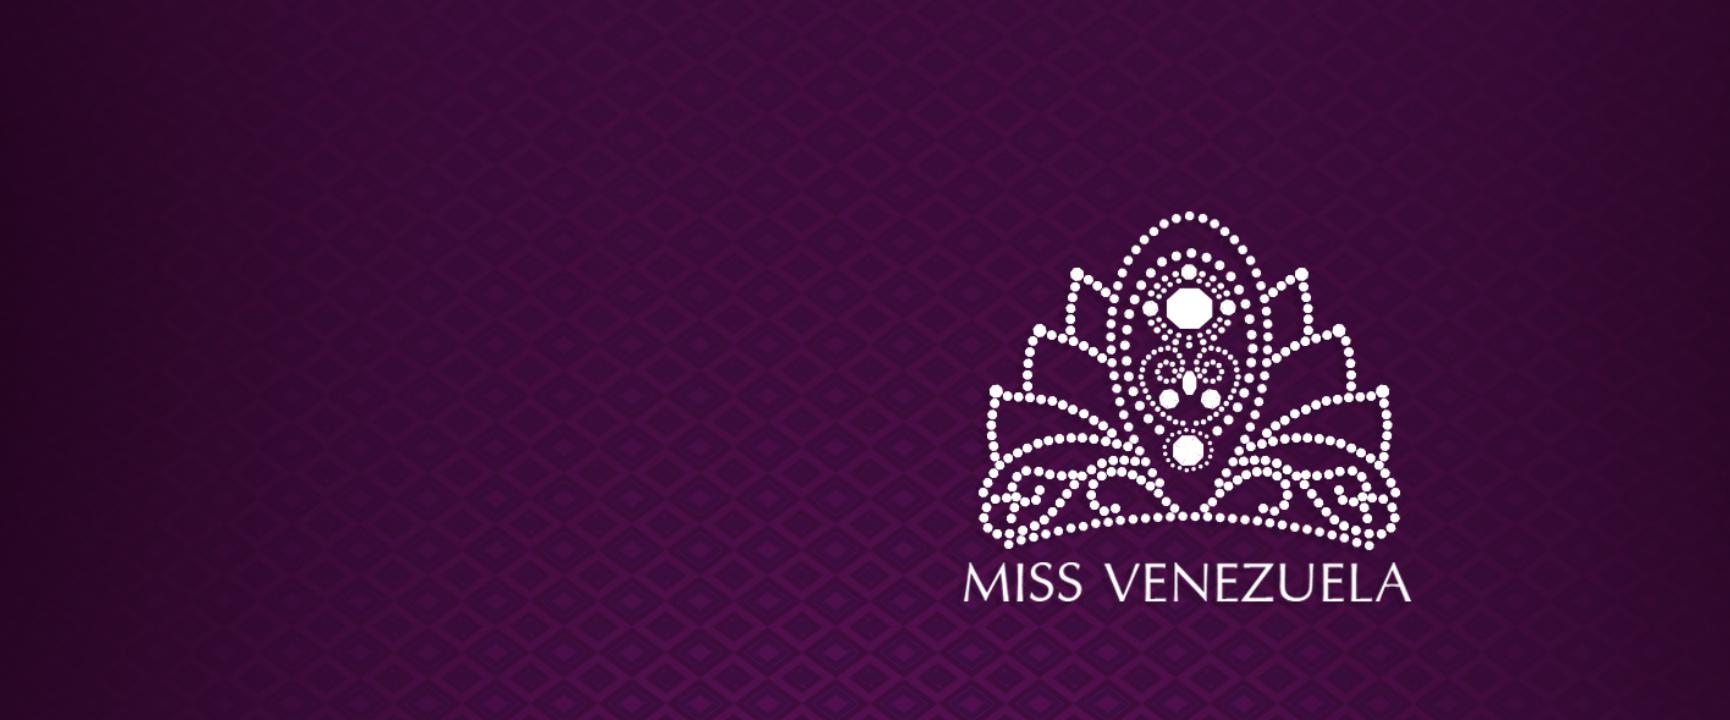 candidatas a miss venezuela universo 2019. final: 1 de agosto. - Página 2 1Kmdg2